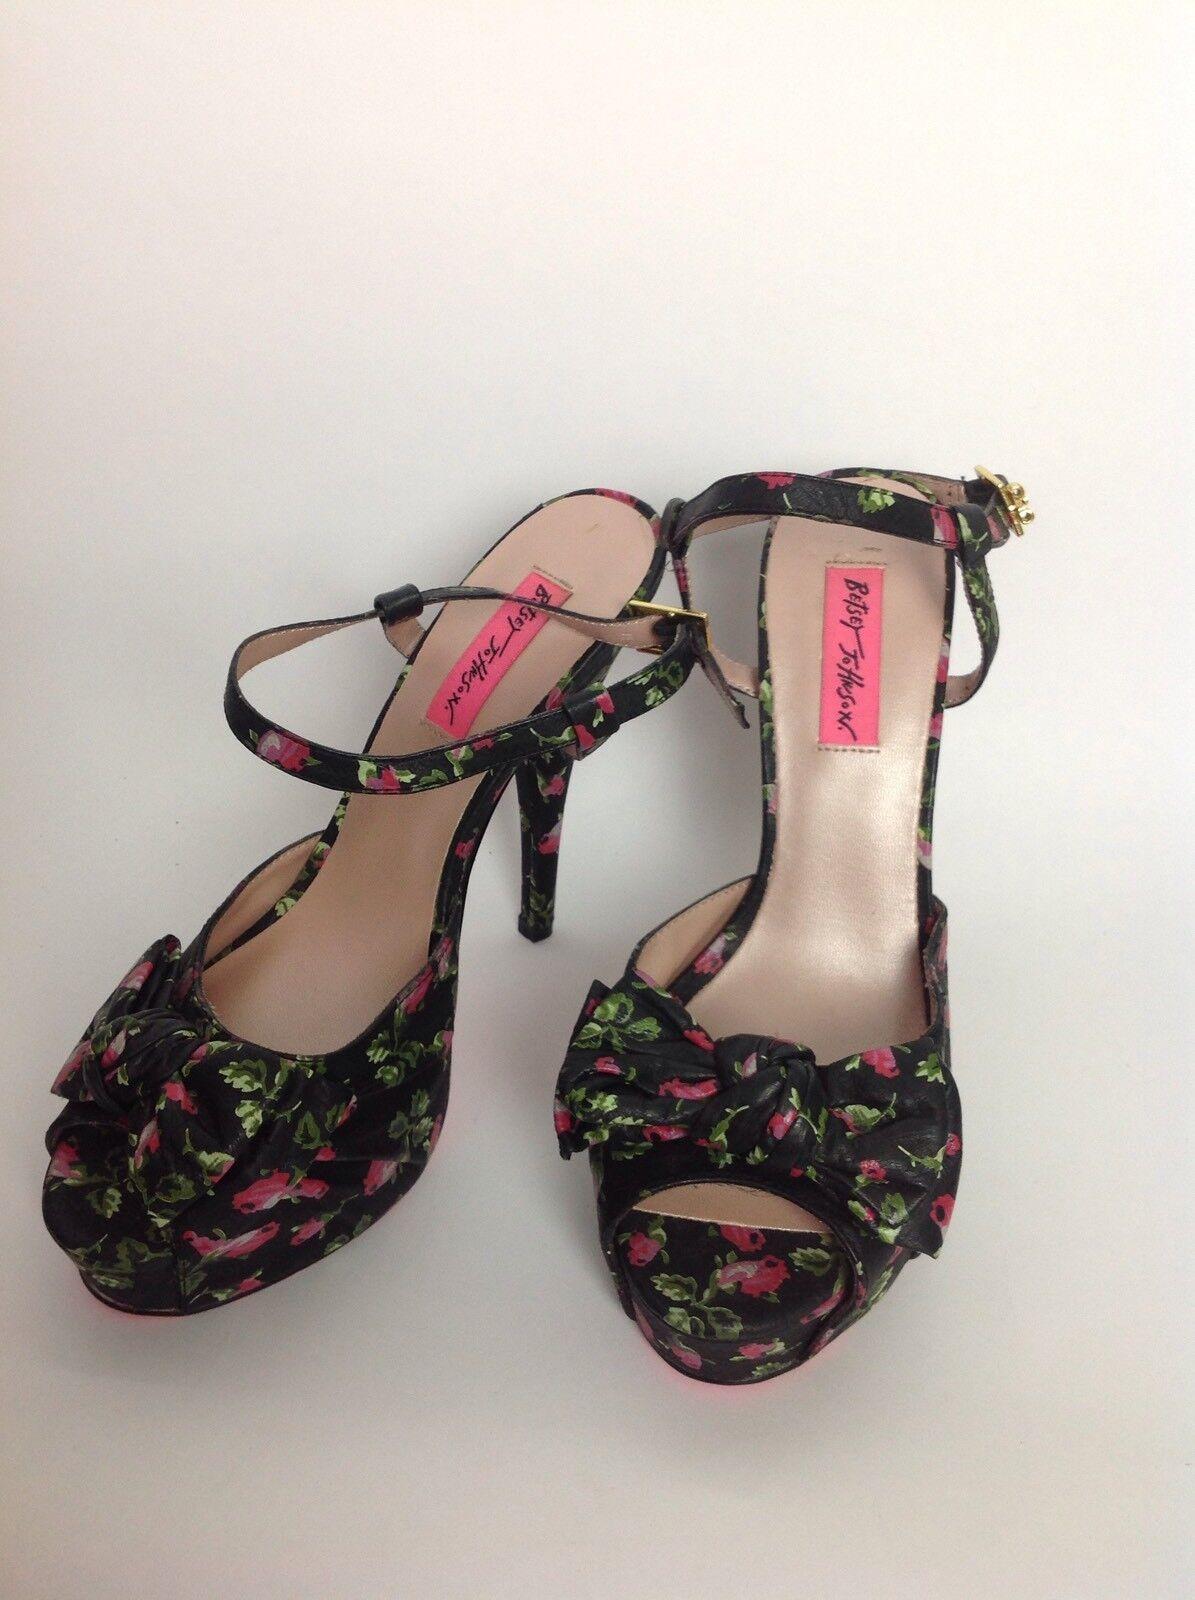 autorizzazione Betsey Johnson nero rosa Floral Floral Floral Strappy High Heels Sandals 8.5 Haylie-F scarpe  clienti prima reputazione prima